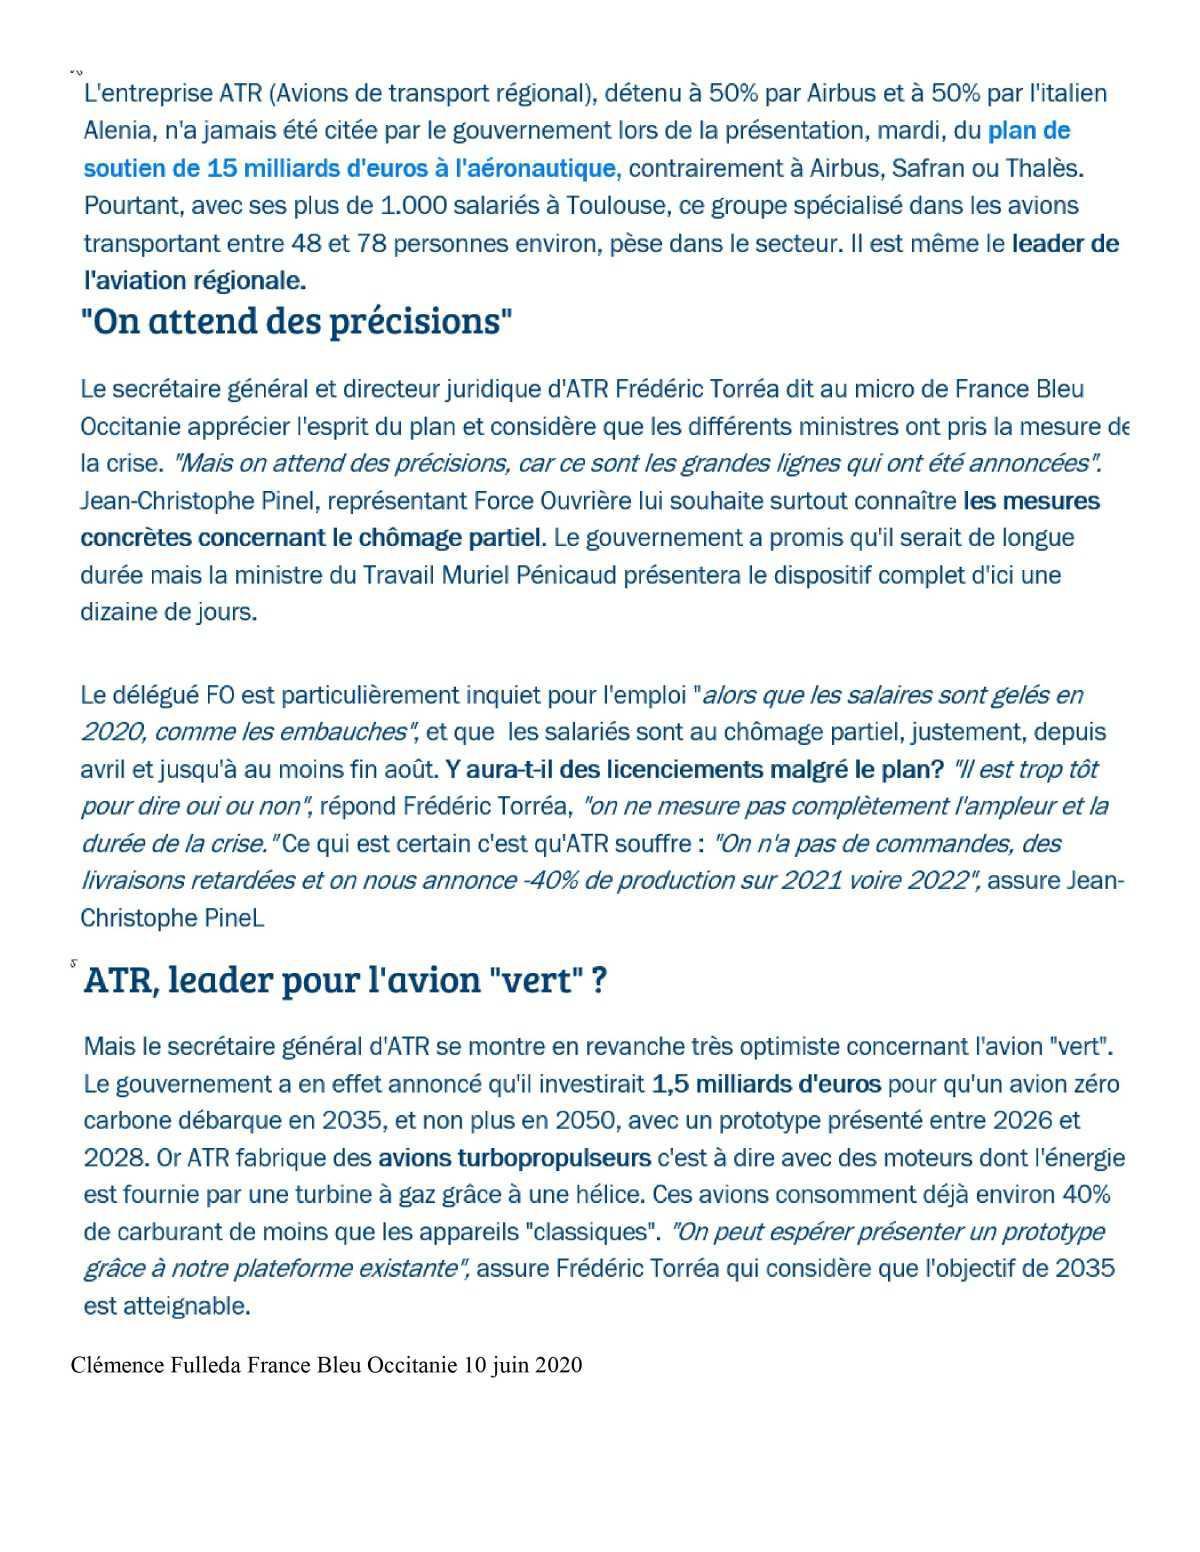 Prudence sur le plan gouvernemental (presse 10/06/2020)